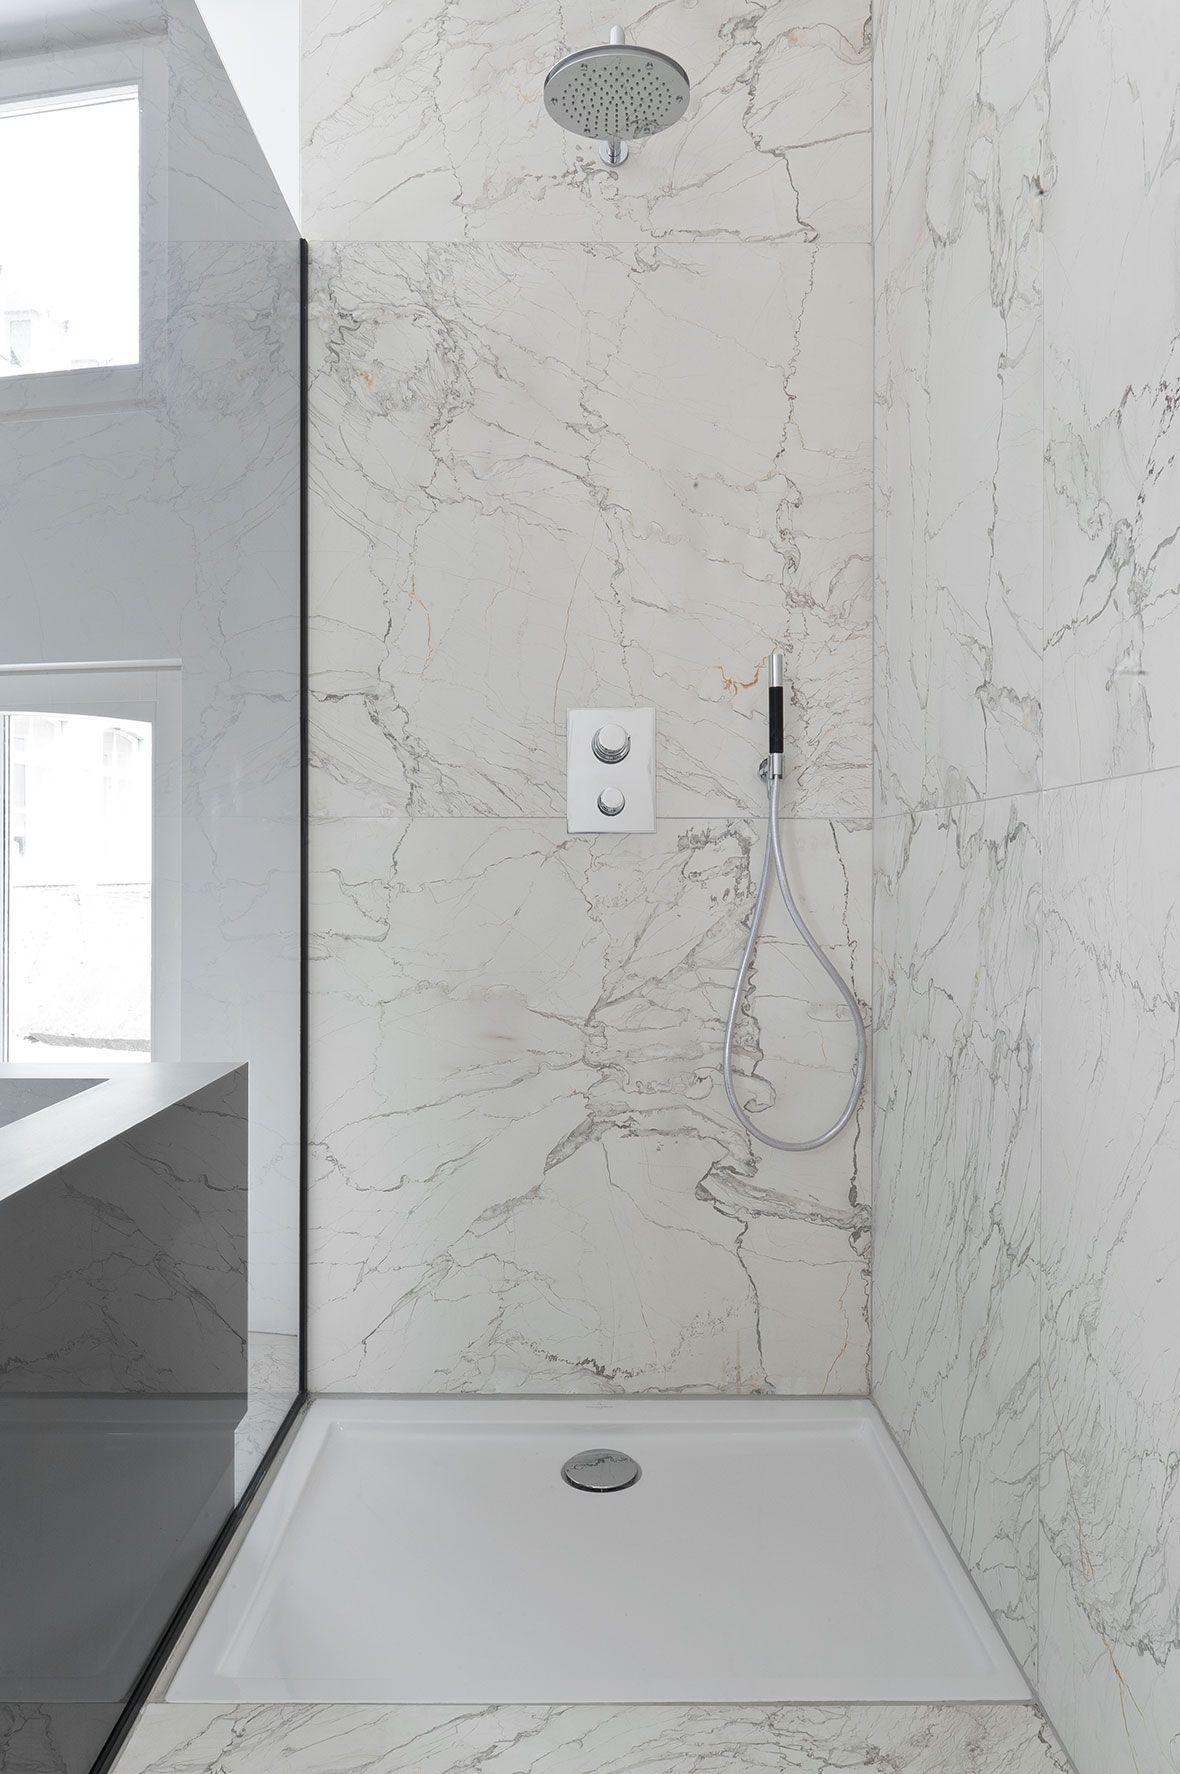 Studio Niels - Walk-In Bathroom - Maastricht The Netherlands ...